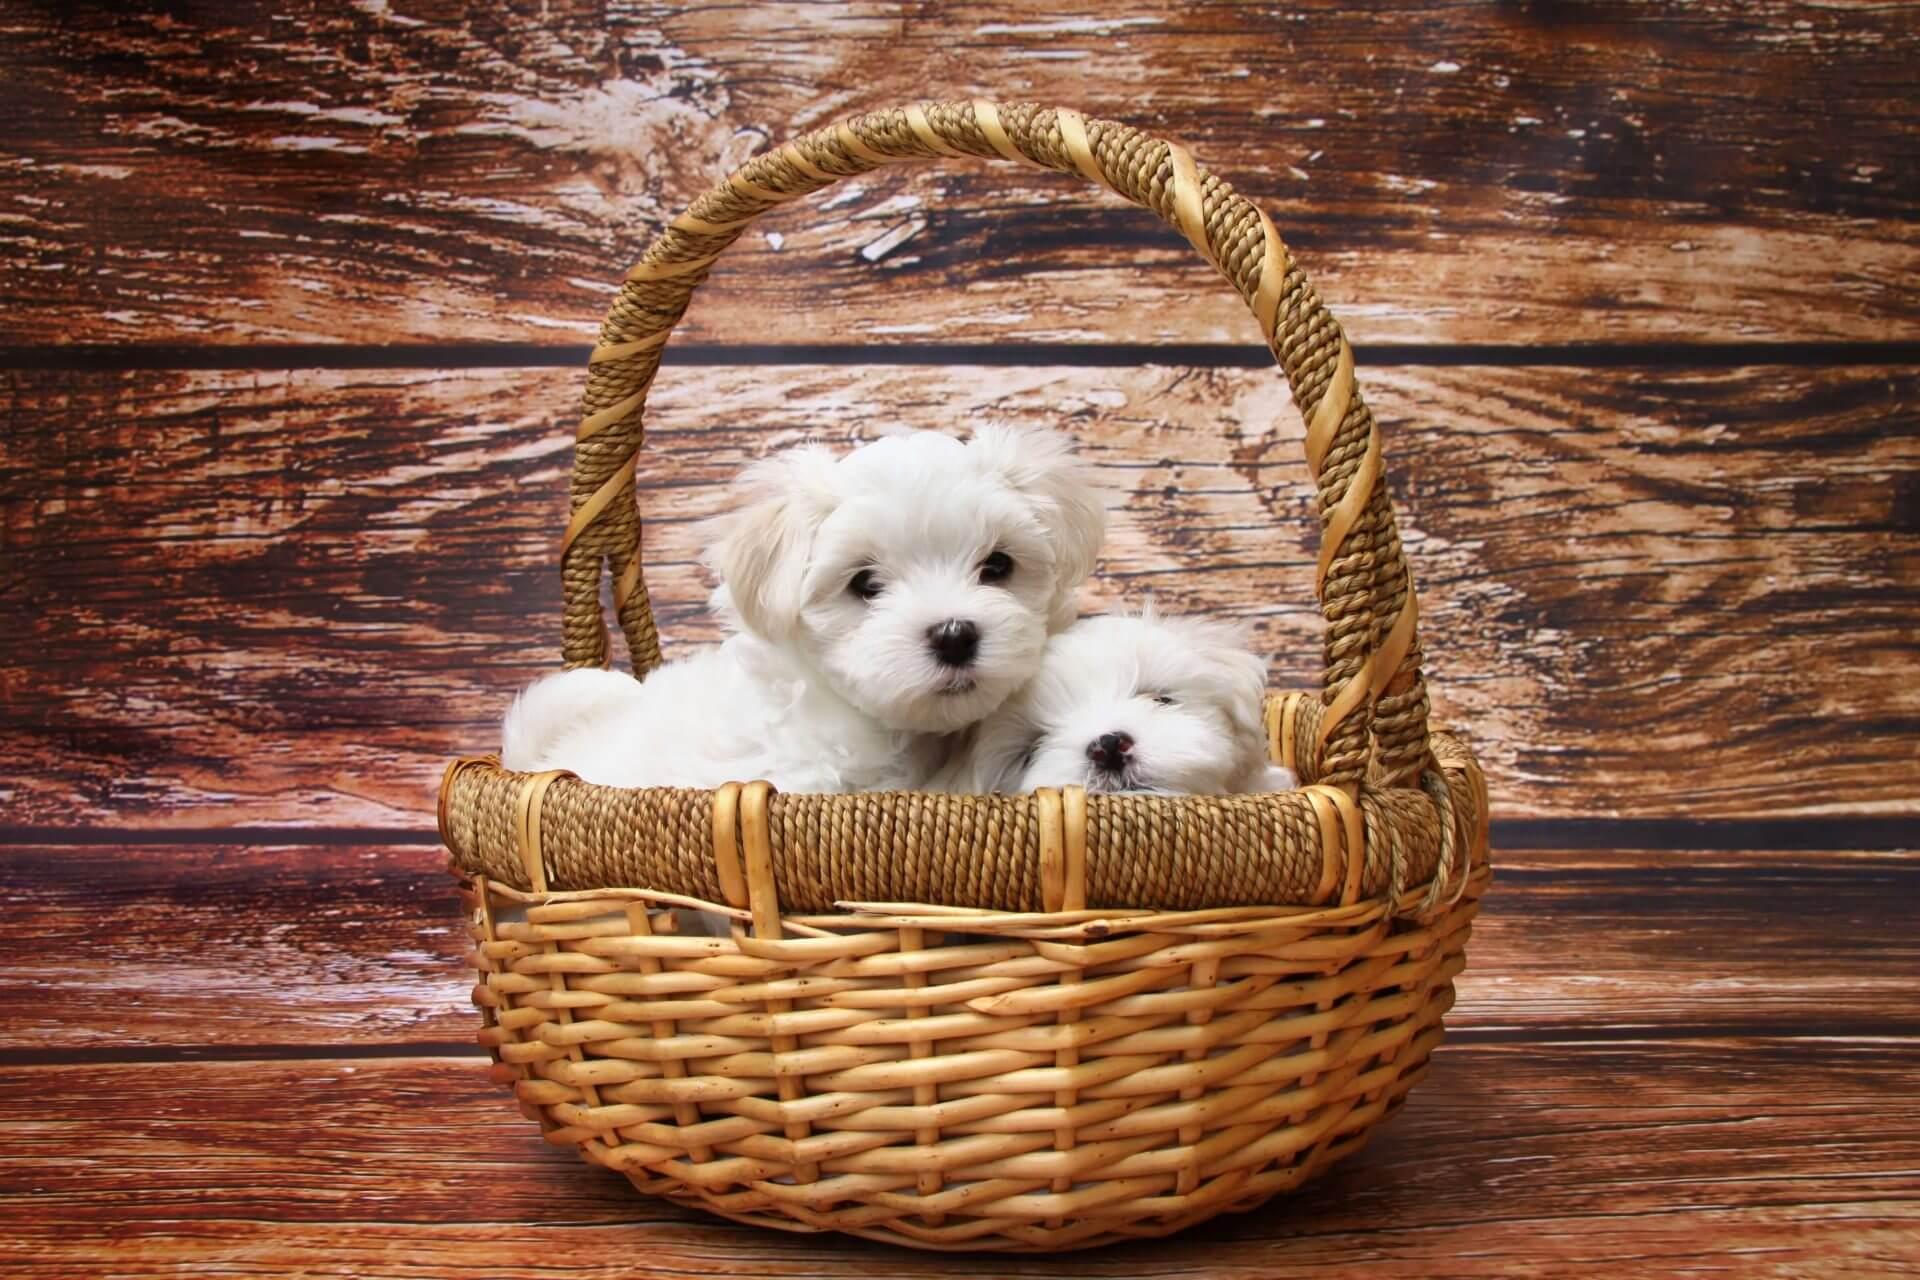 cuccioli di bichon maltese dentro a una cesta